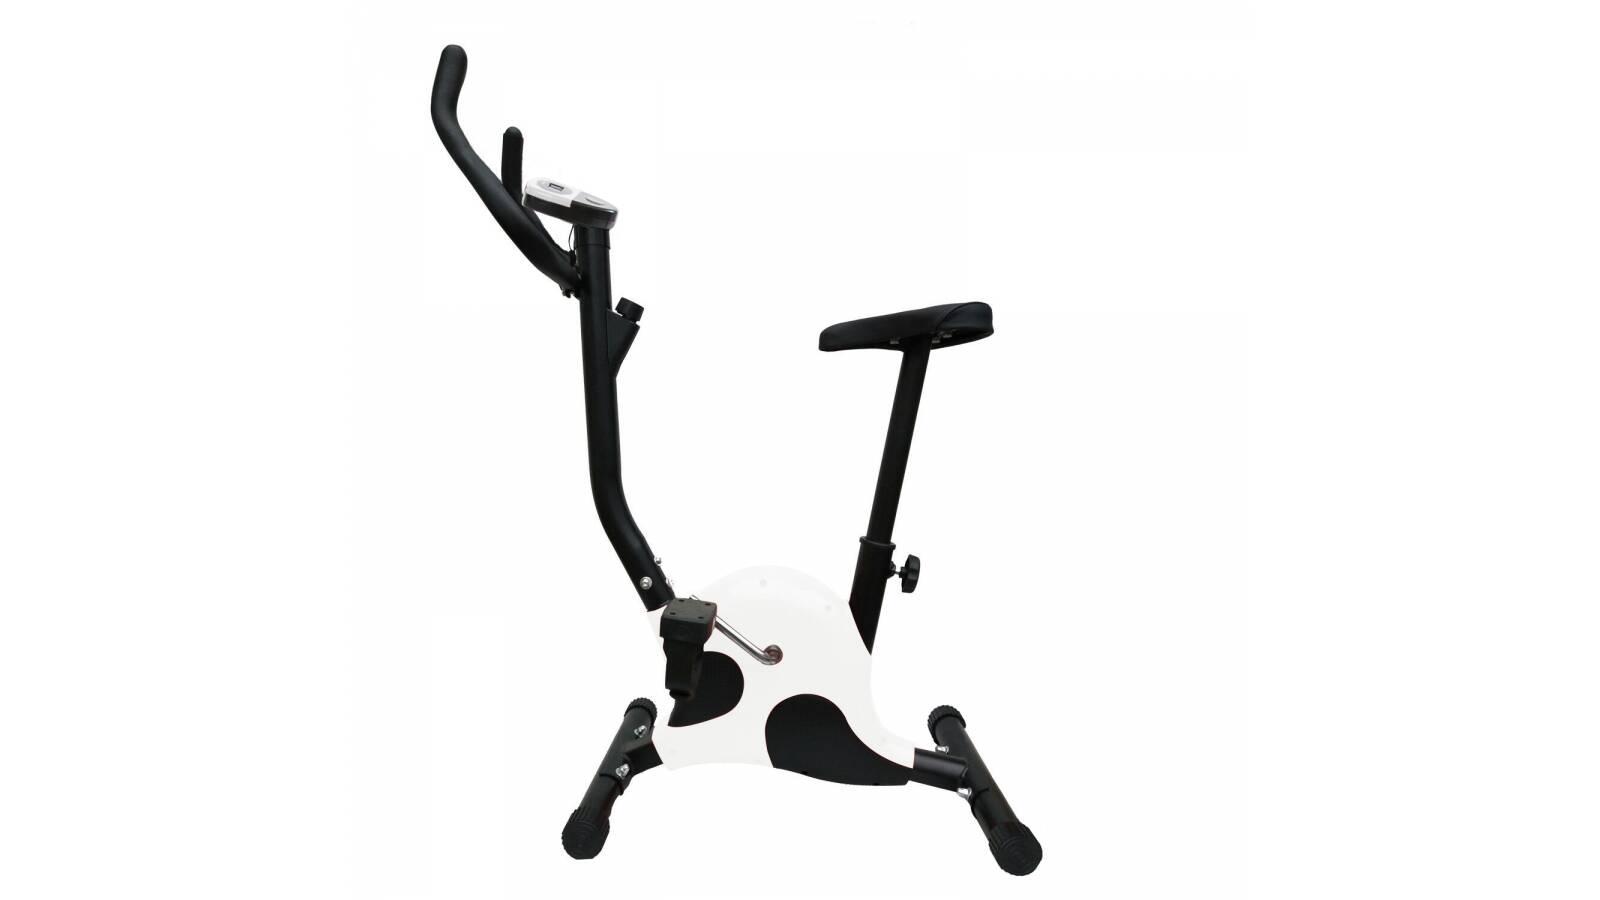 Bicicleta Fija Ergometrica Fitness monitor - Blanca